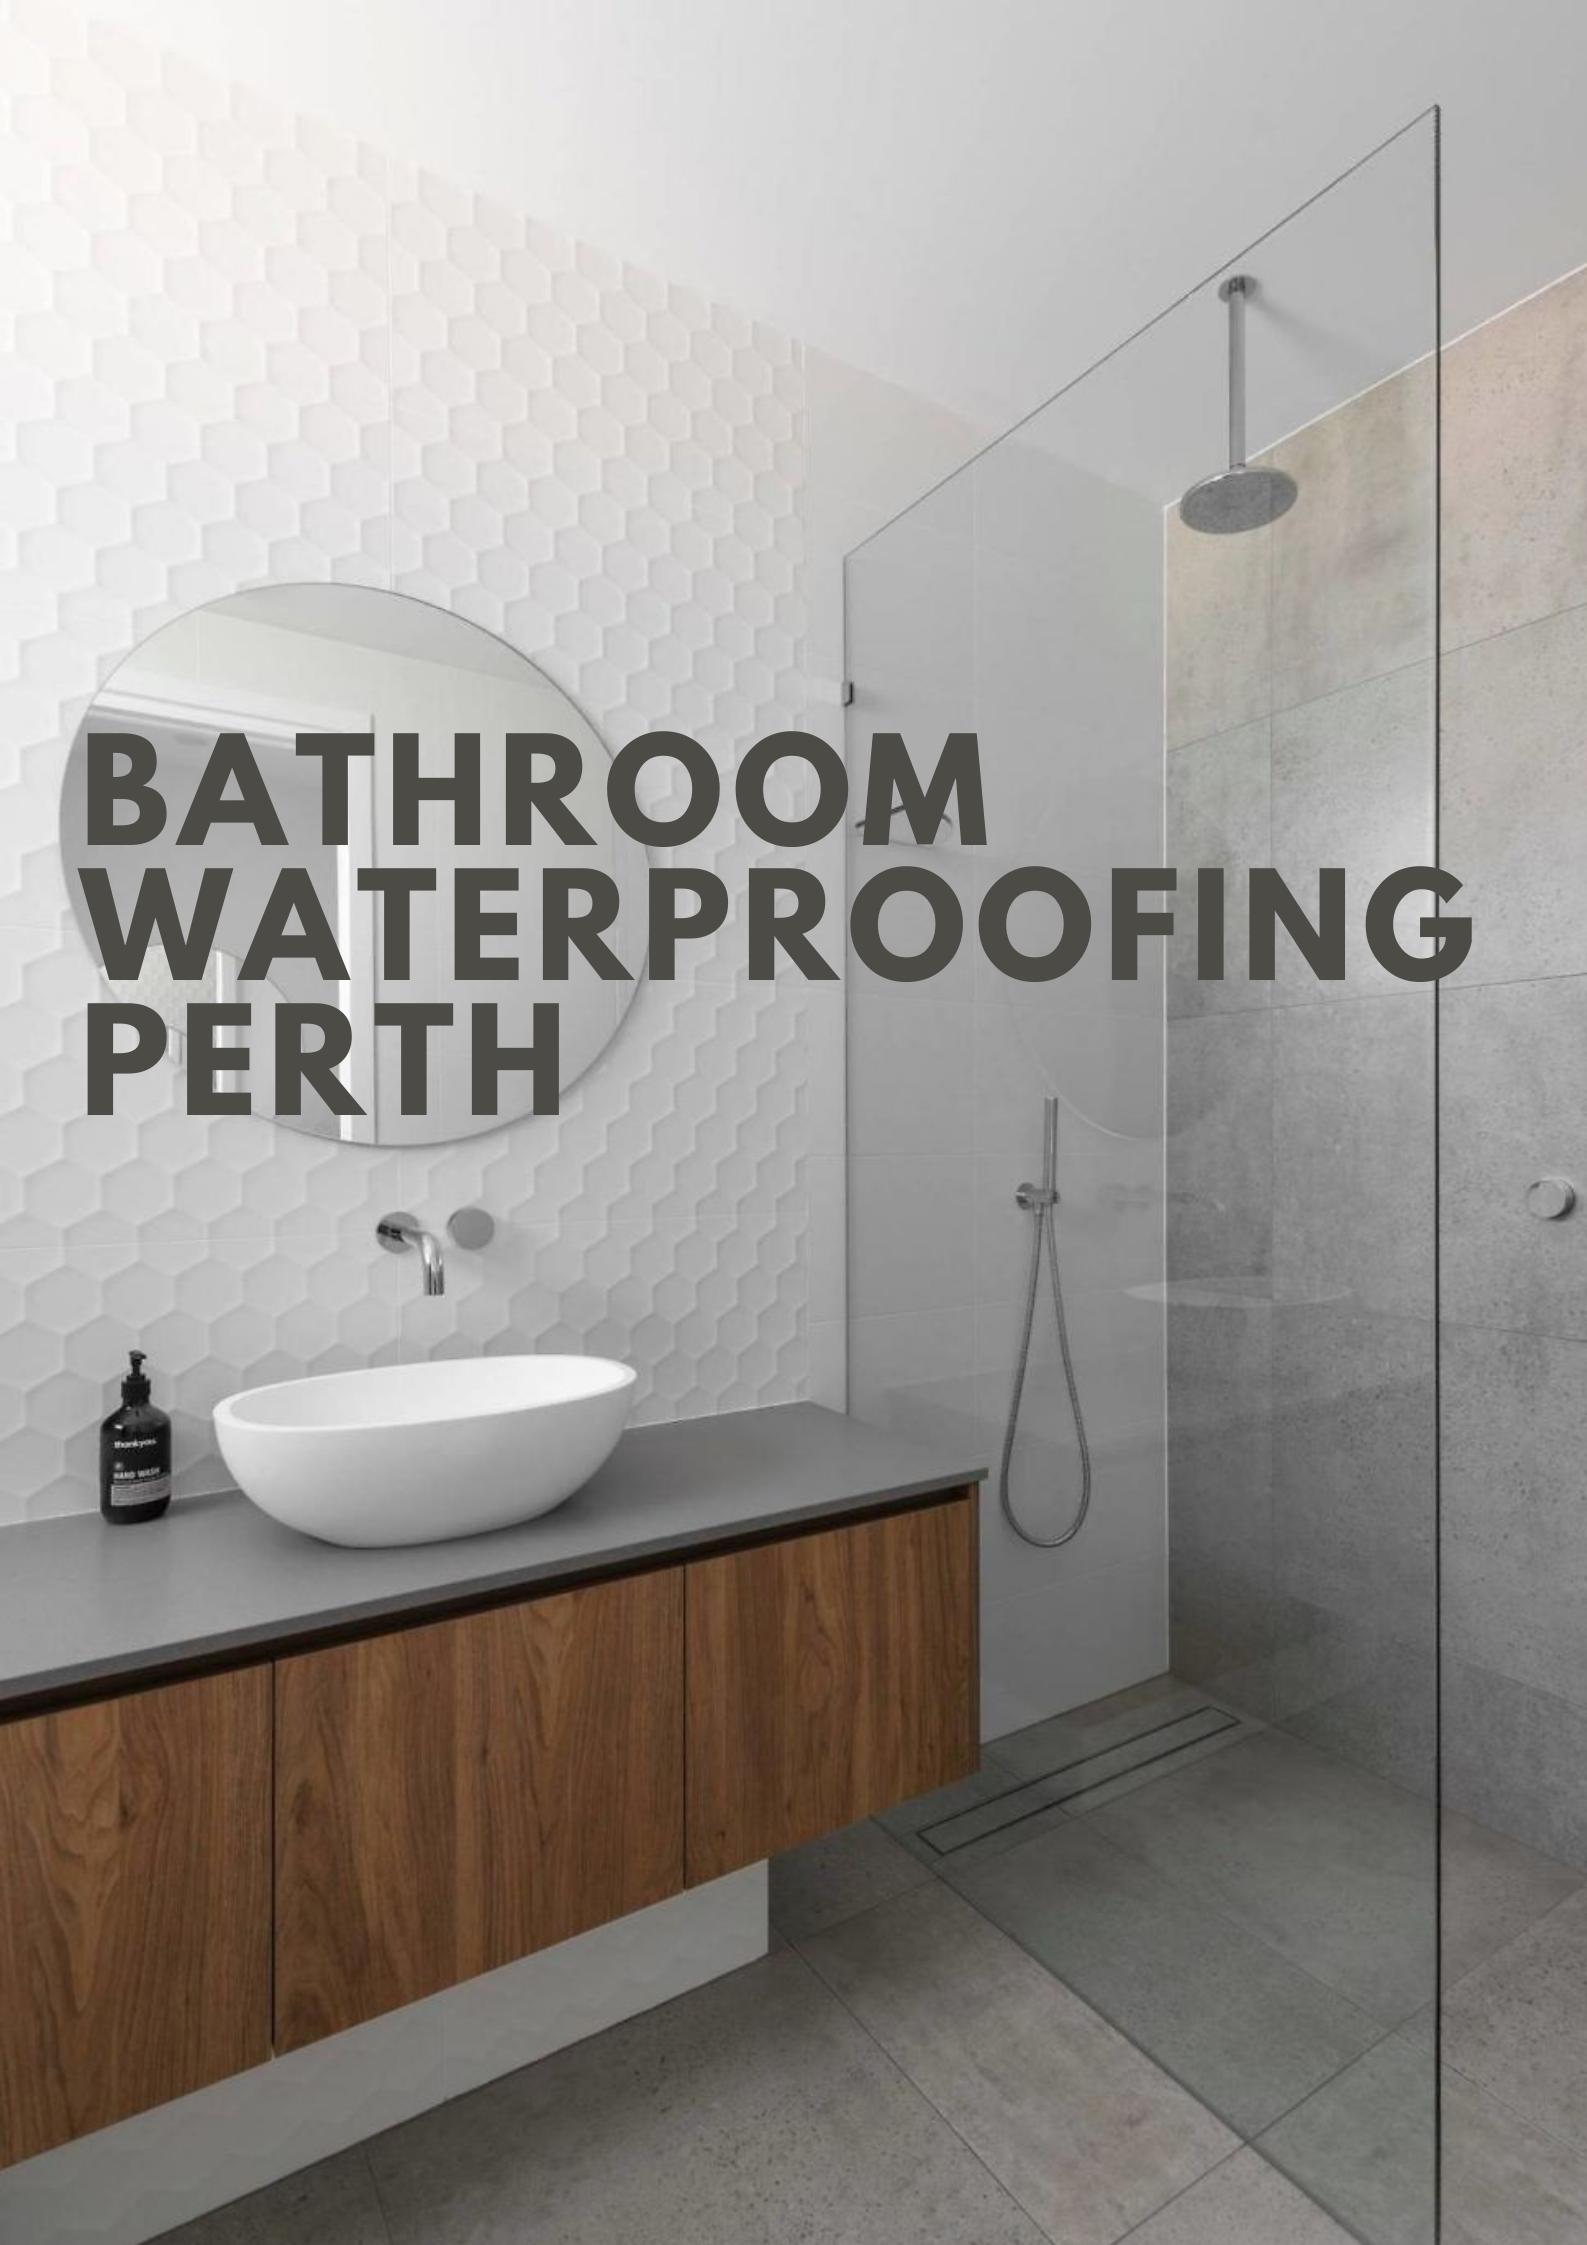 Bathroom Waterproofing Perth